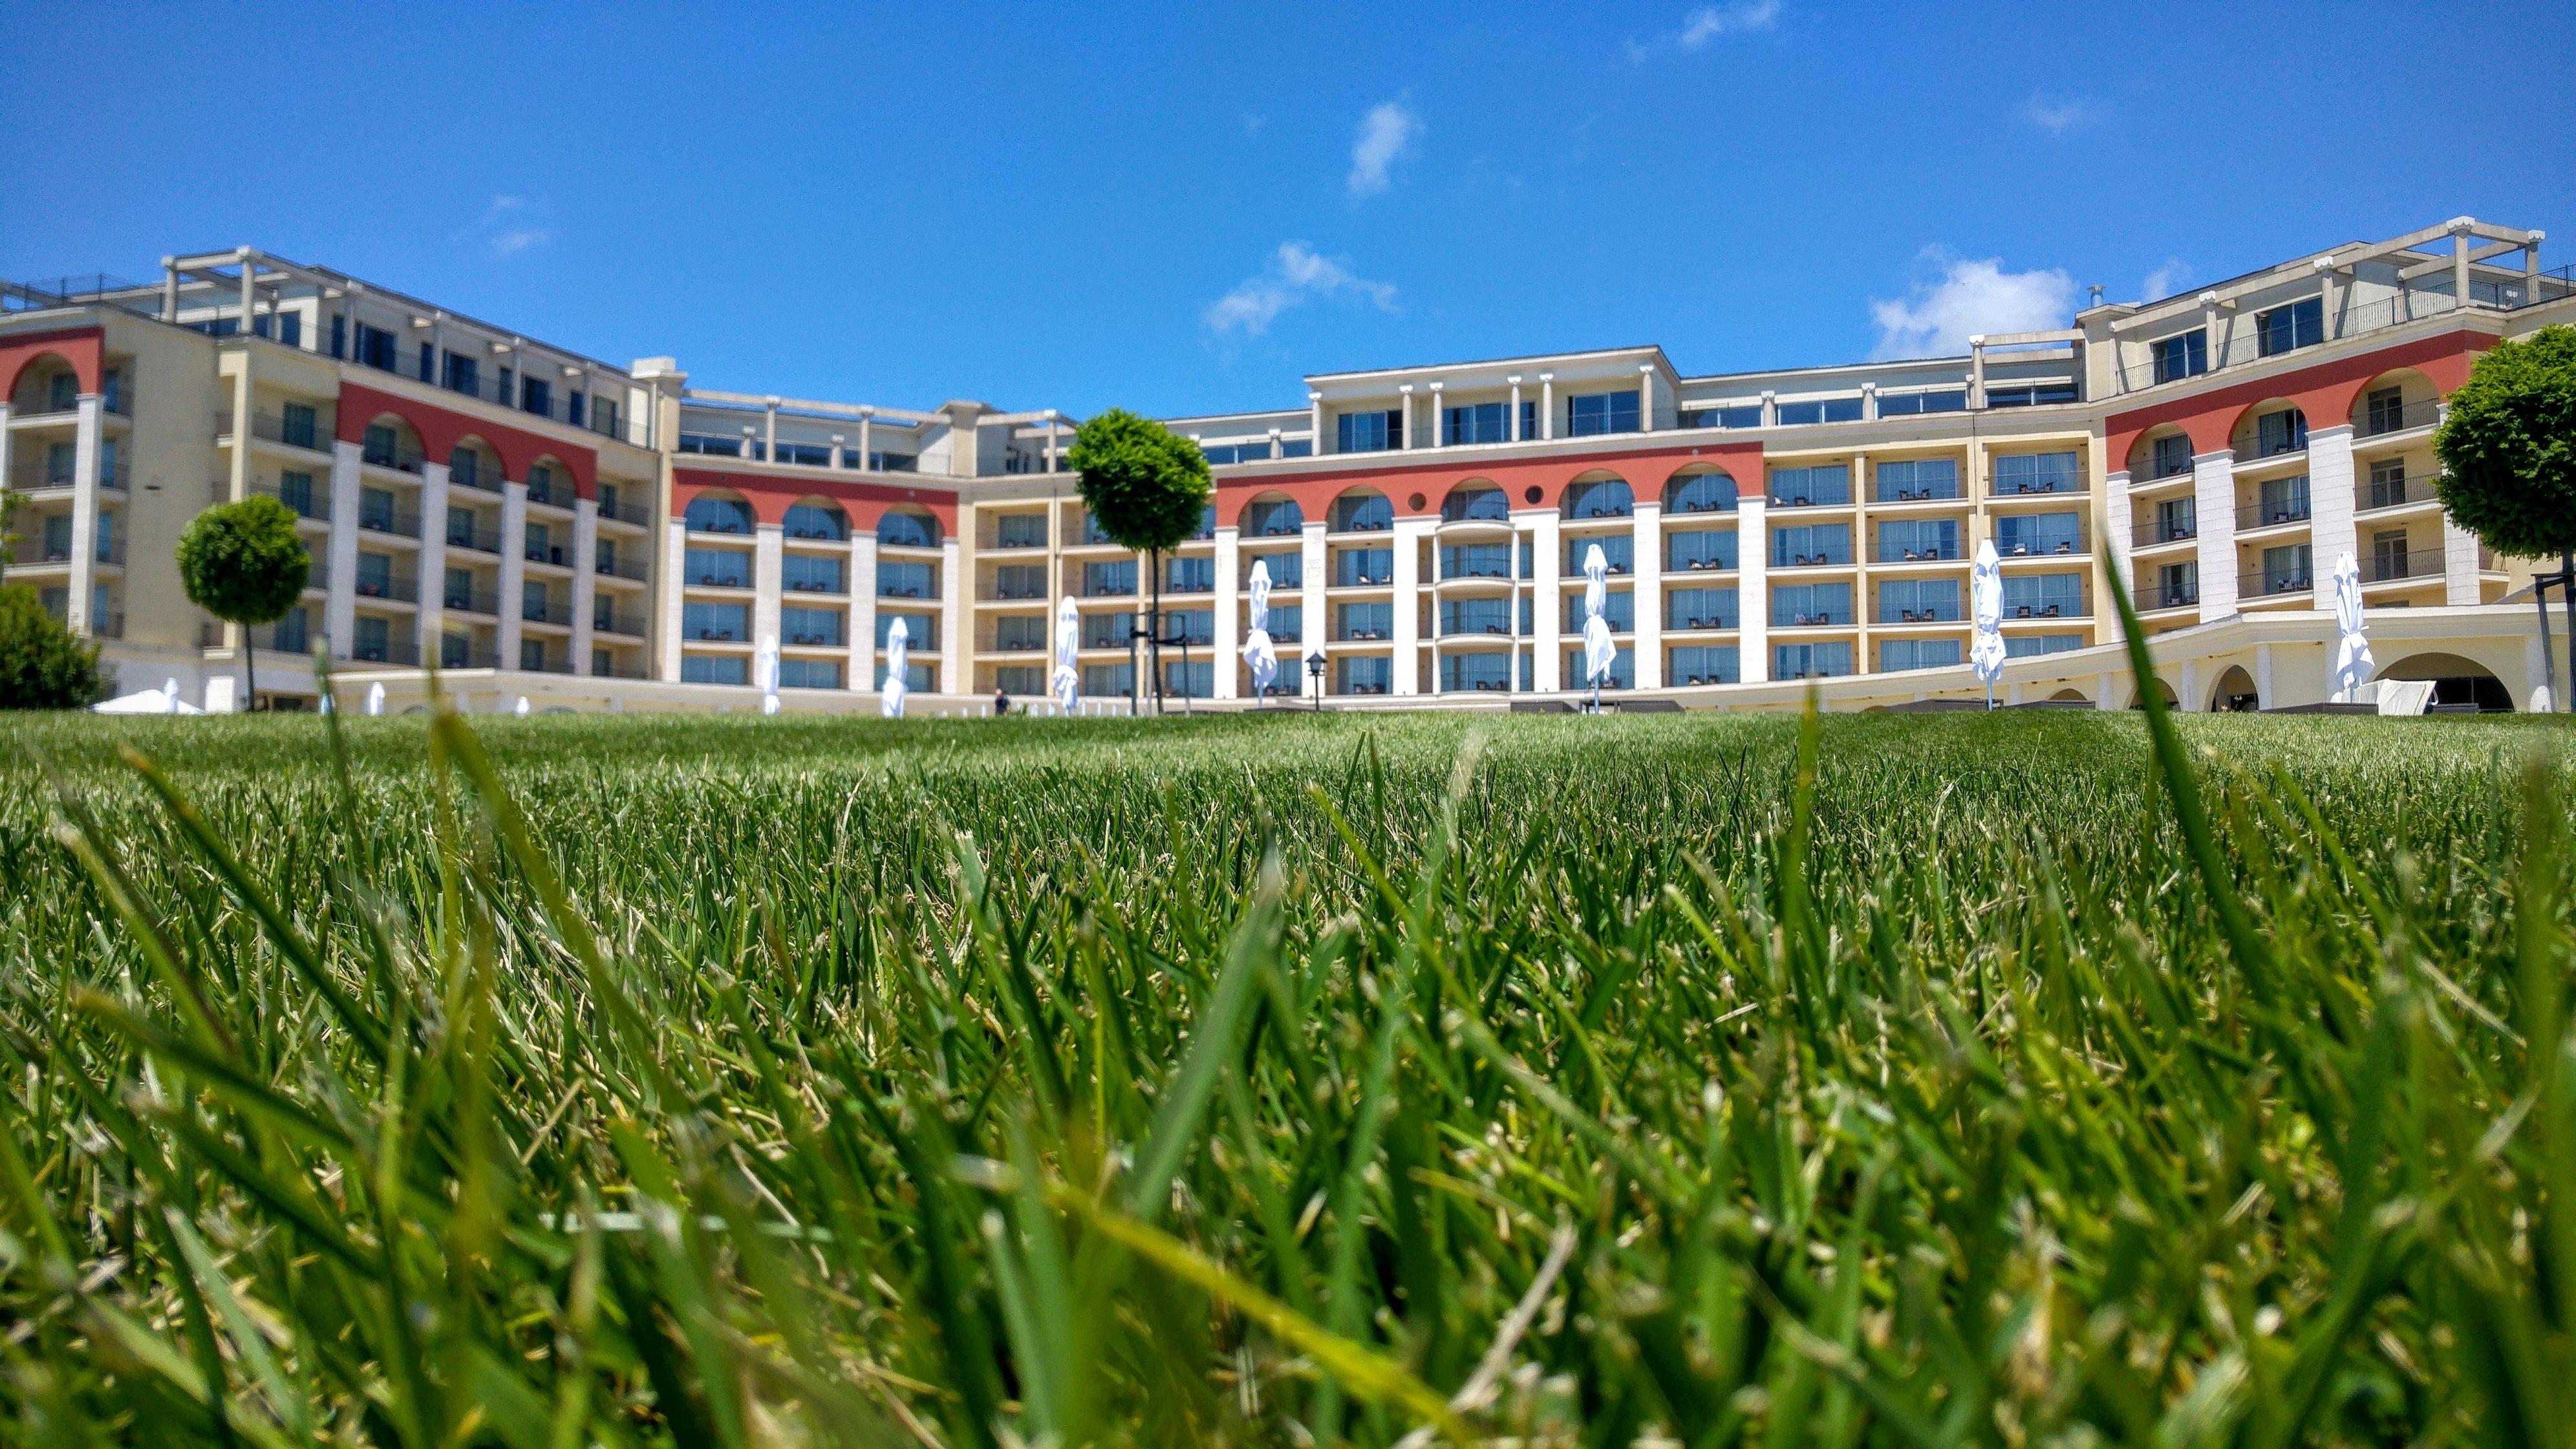 Alergare pe langa Balcic, hotelul unde ne-am facut veacul